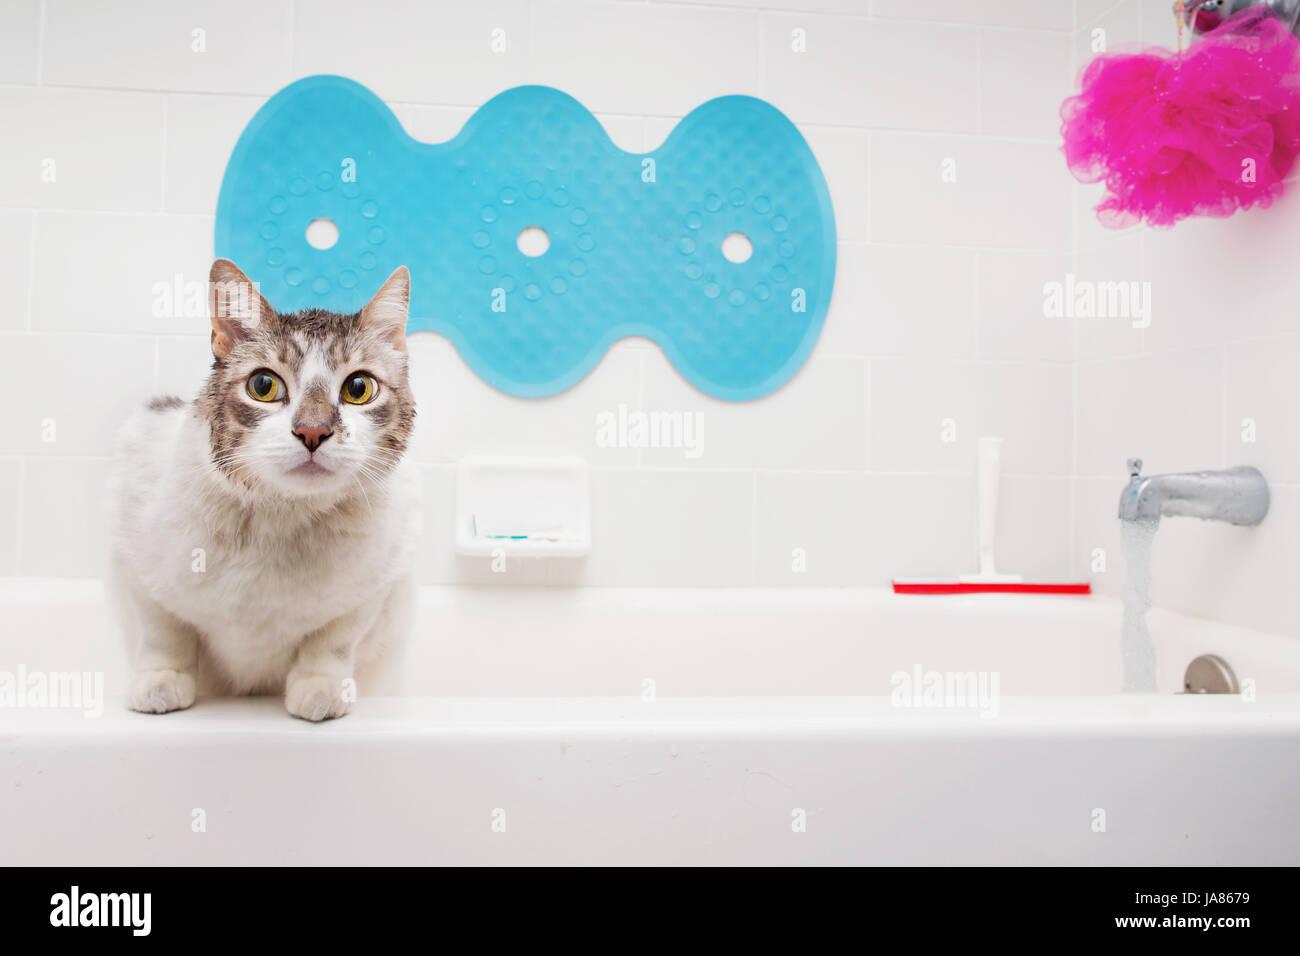 Weiße Katze in Badewanne mit vorsichtigen Ausdruck. Stockbild